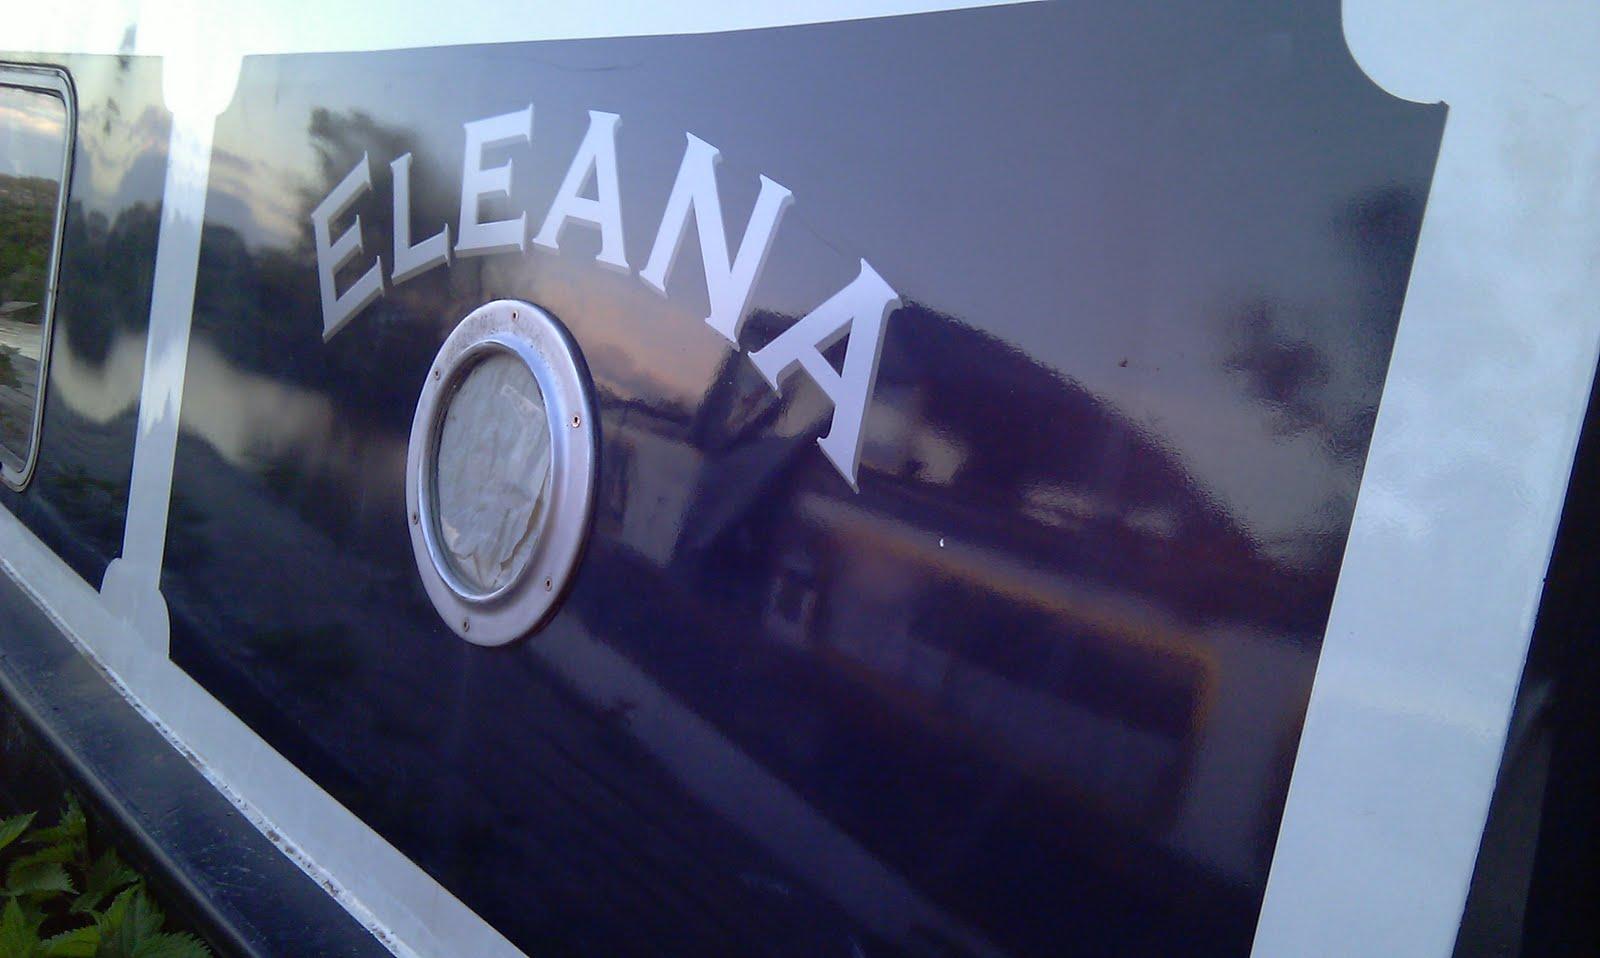 Narrowboat Eleana